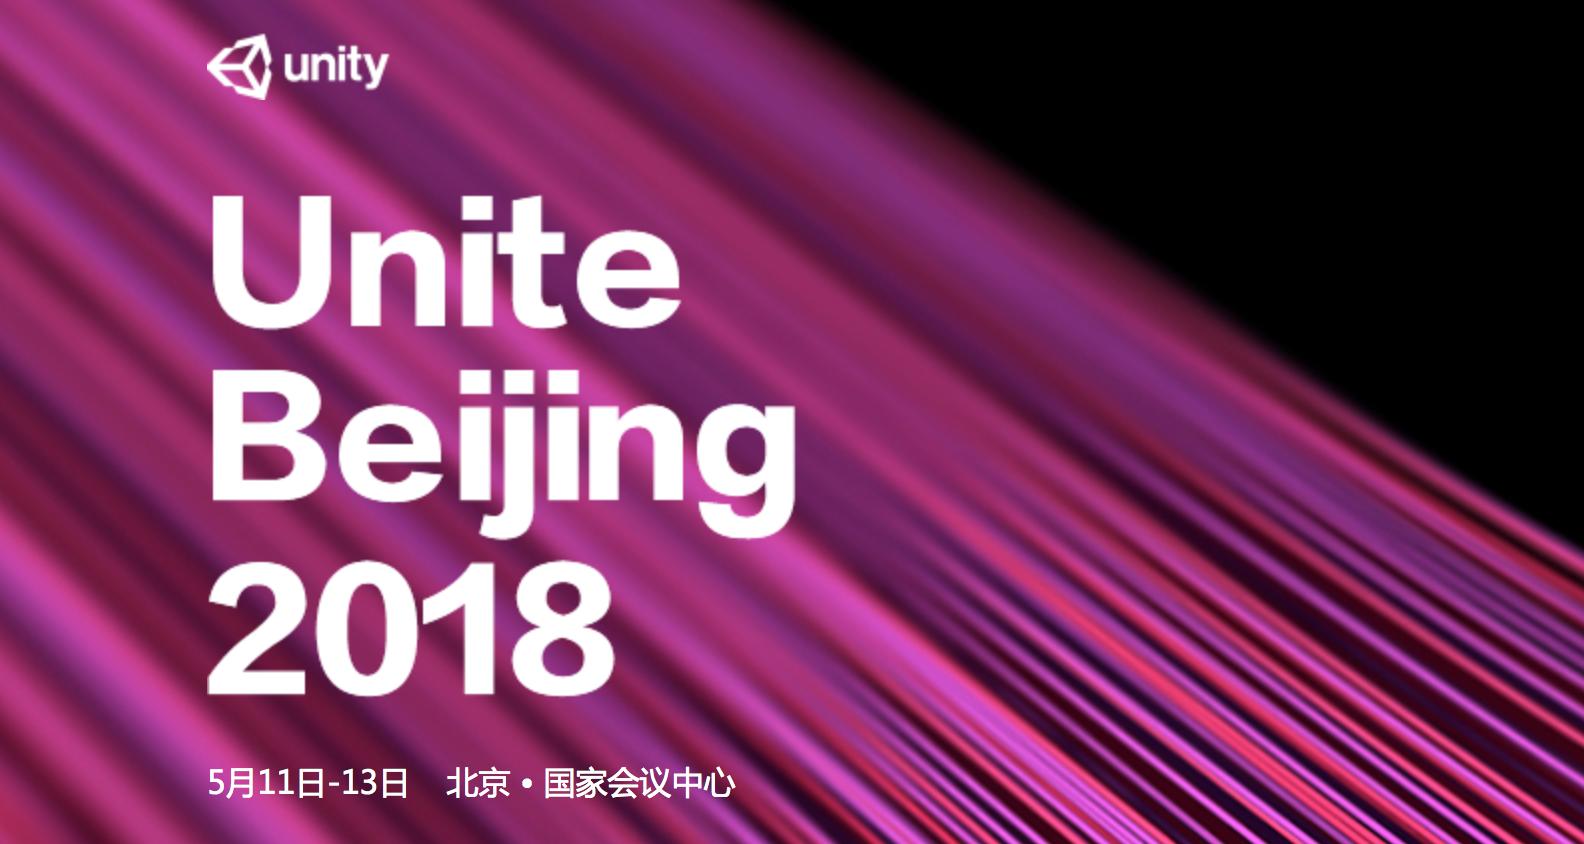 欢迎大家参加Unite Beijing 2018